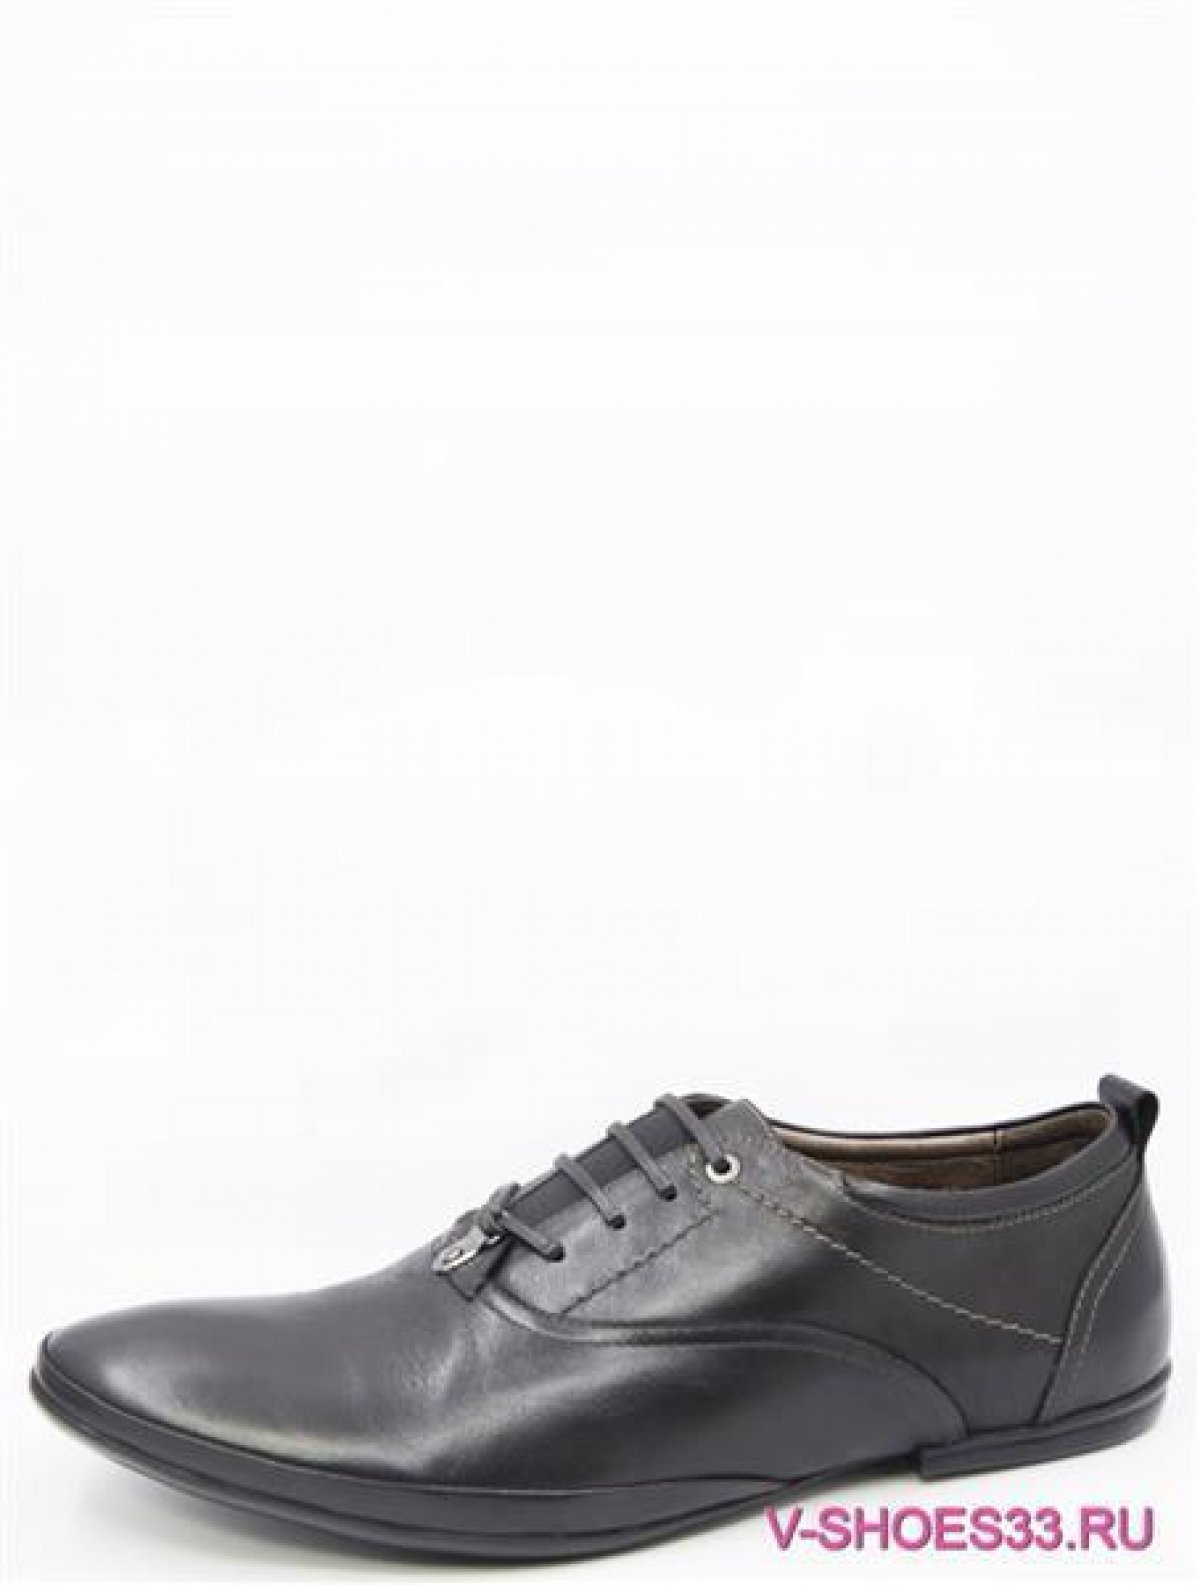 V83-075214 мужские туфли